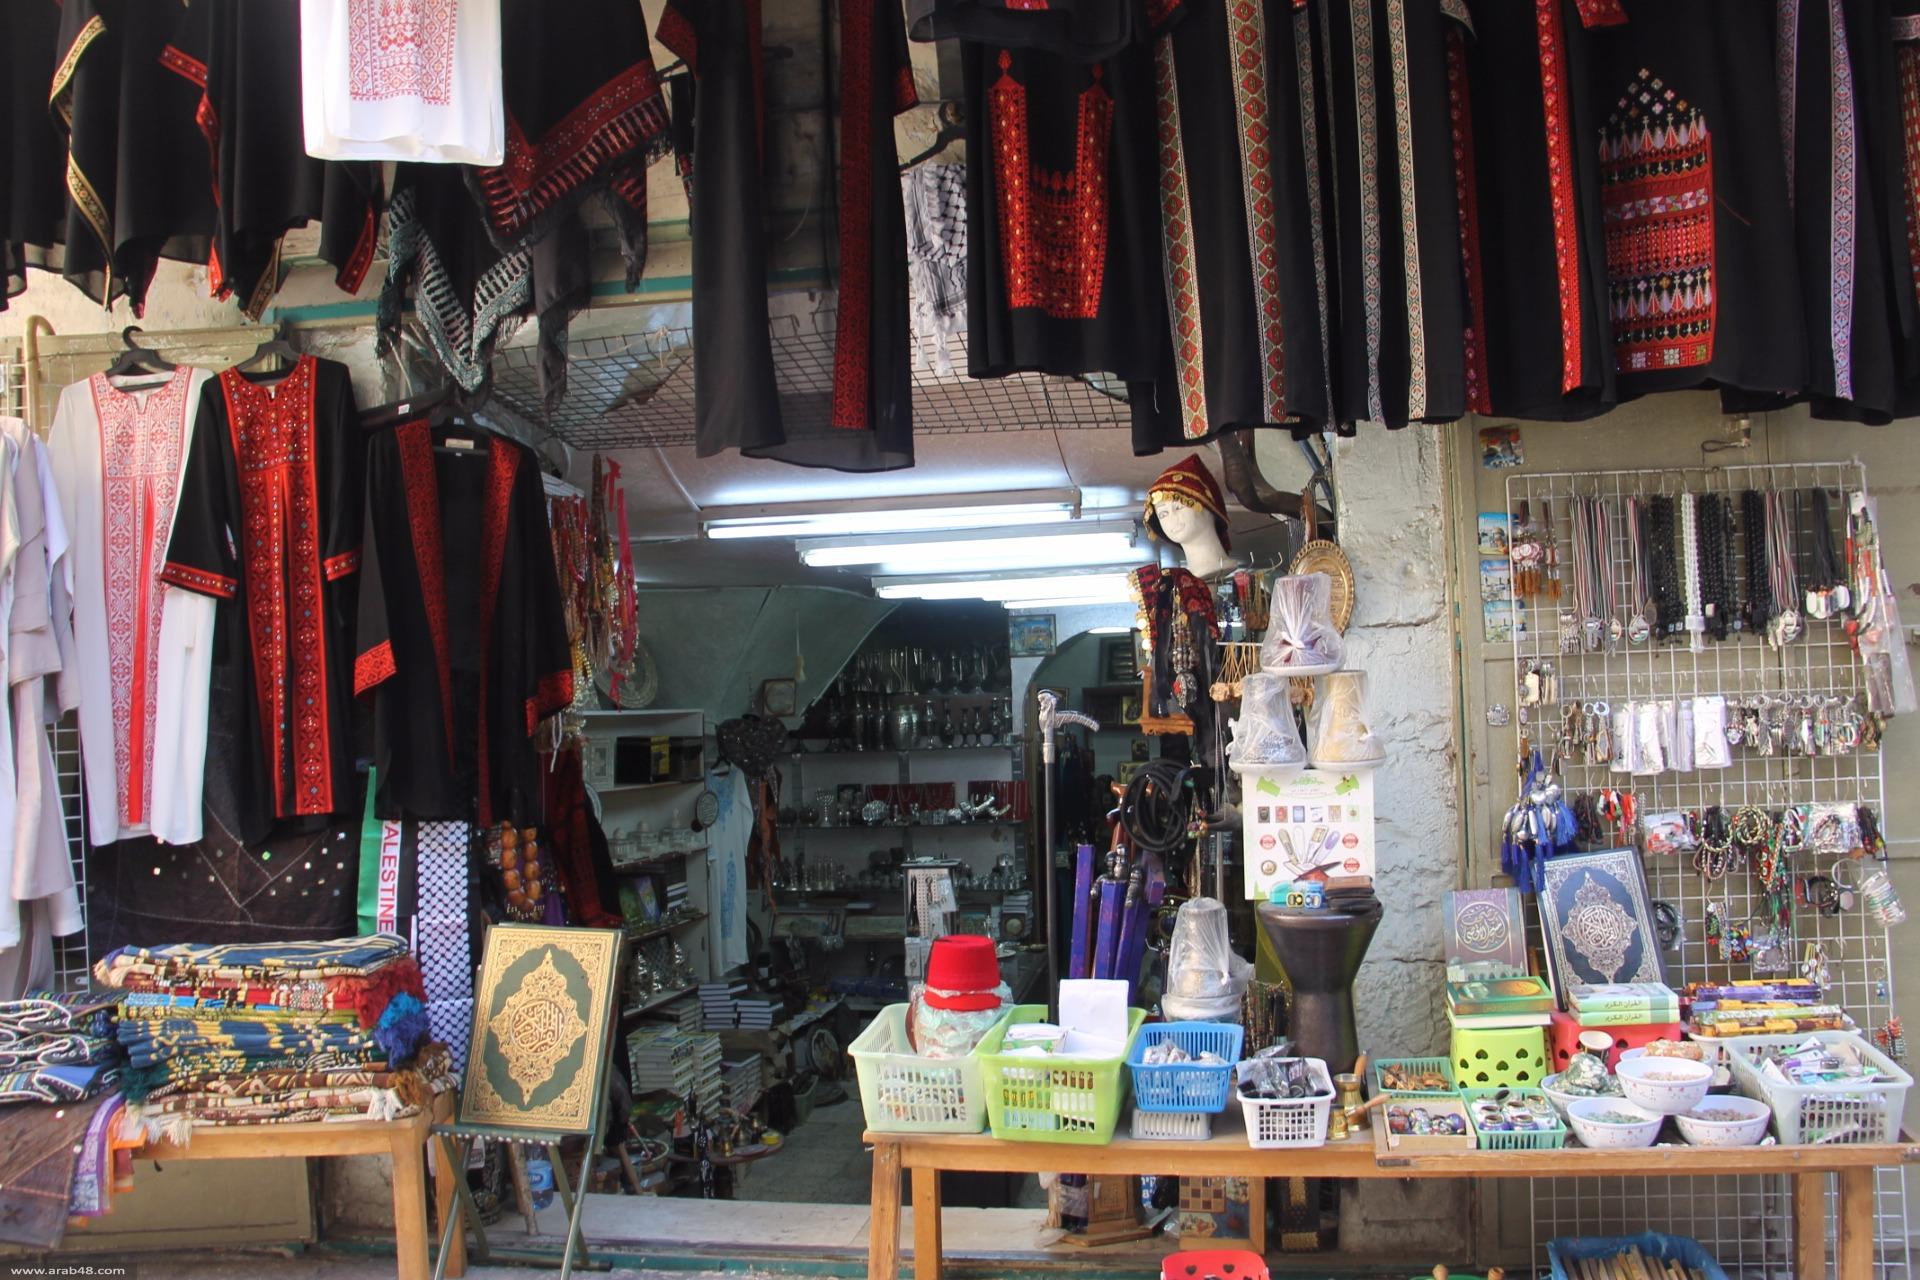 القدس تواجه الظلم: فقر مدقع وتطهير عرقي